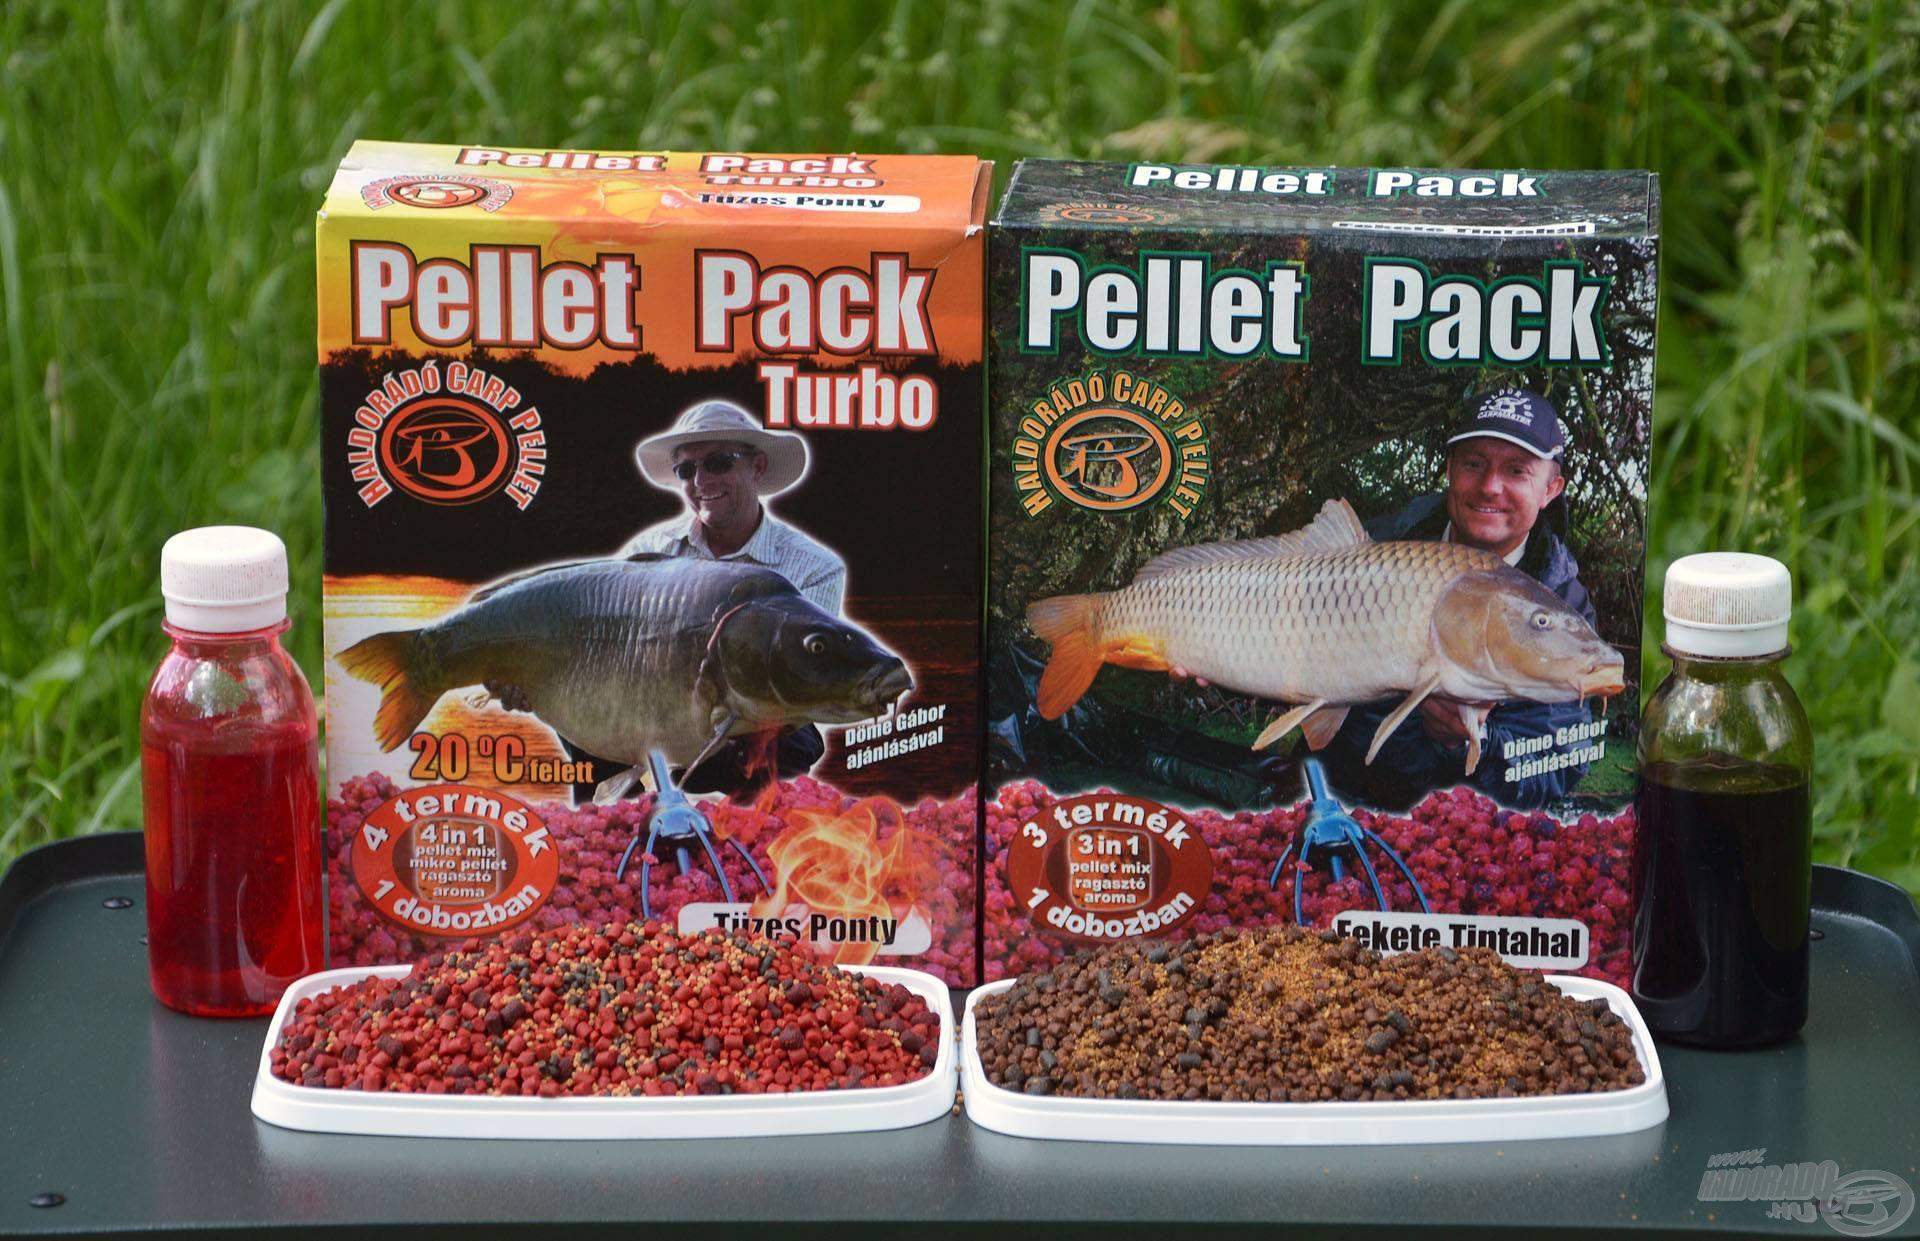 Régóta használom eredményesen ezt a Pellet Pack összeállítást a nyári időszakokban